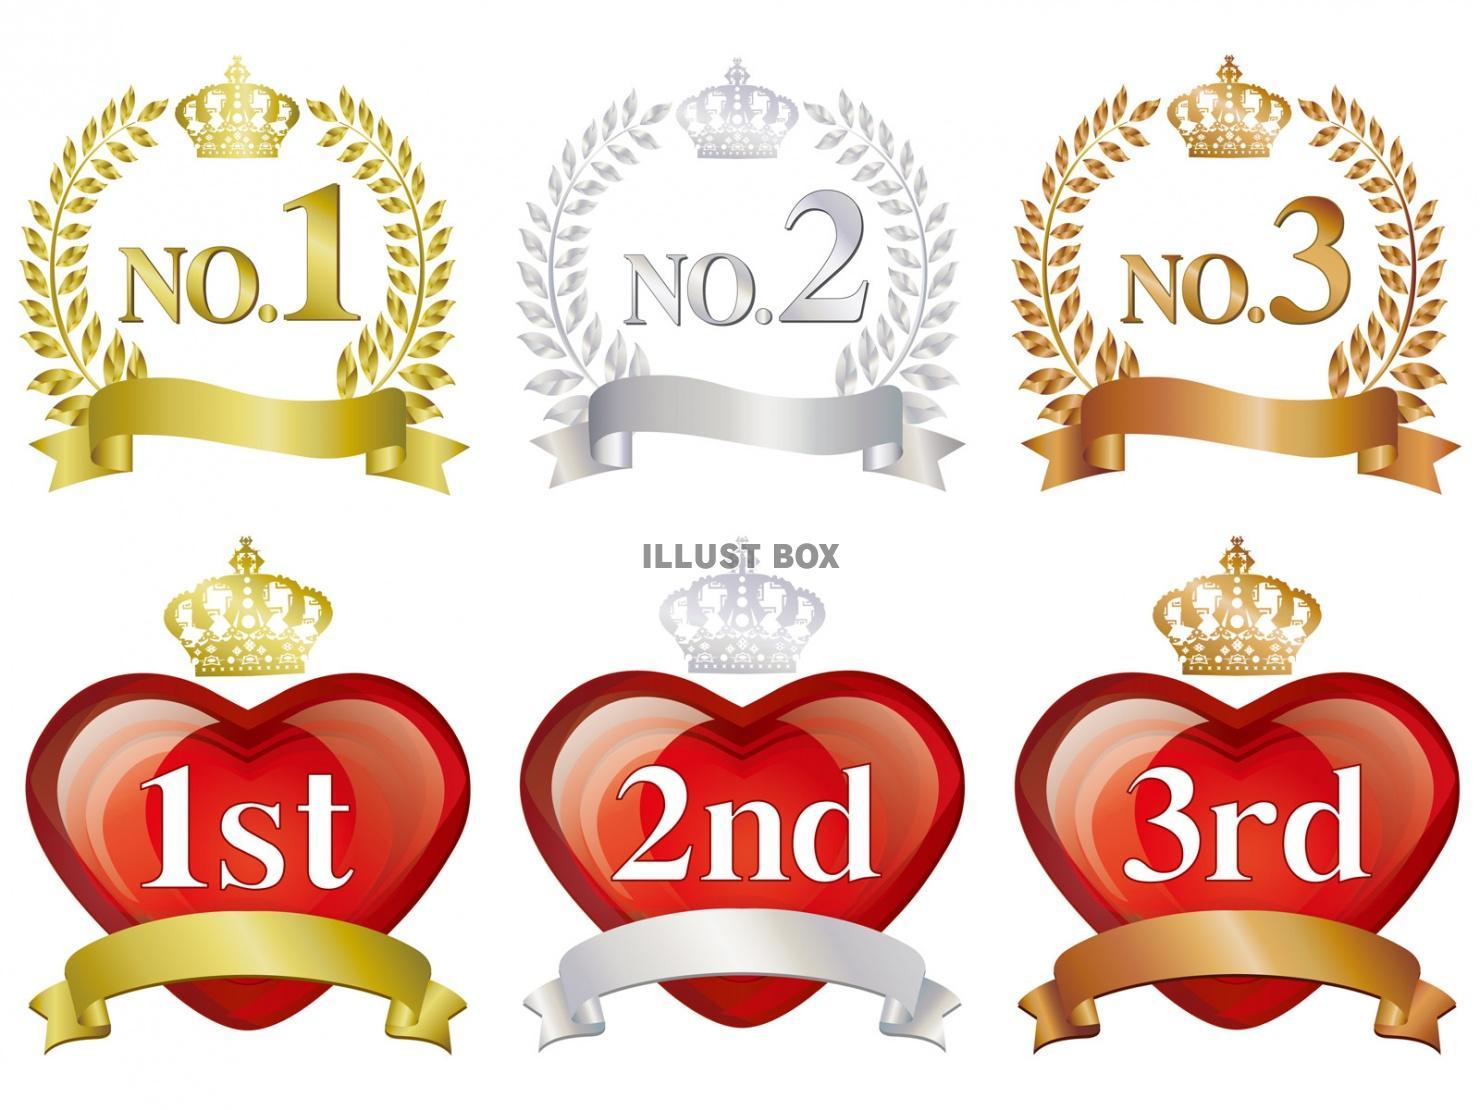 無料イラスト ランキング表示アイコン飾りフレーム1位2位3位一位二位三位優